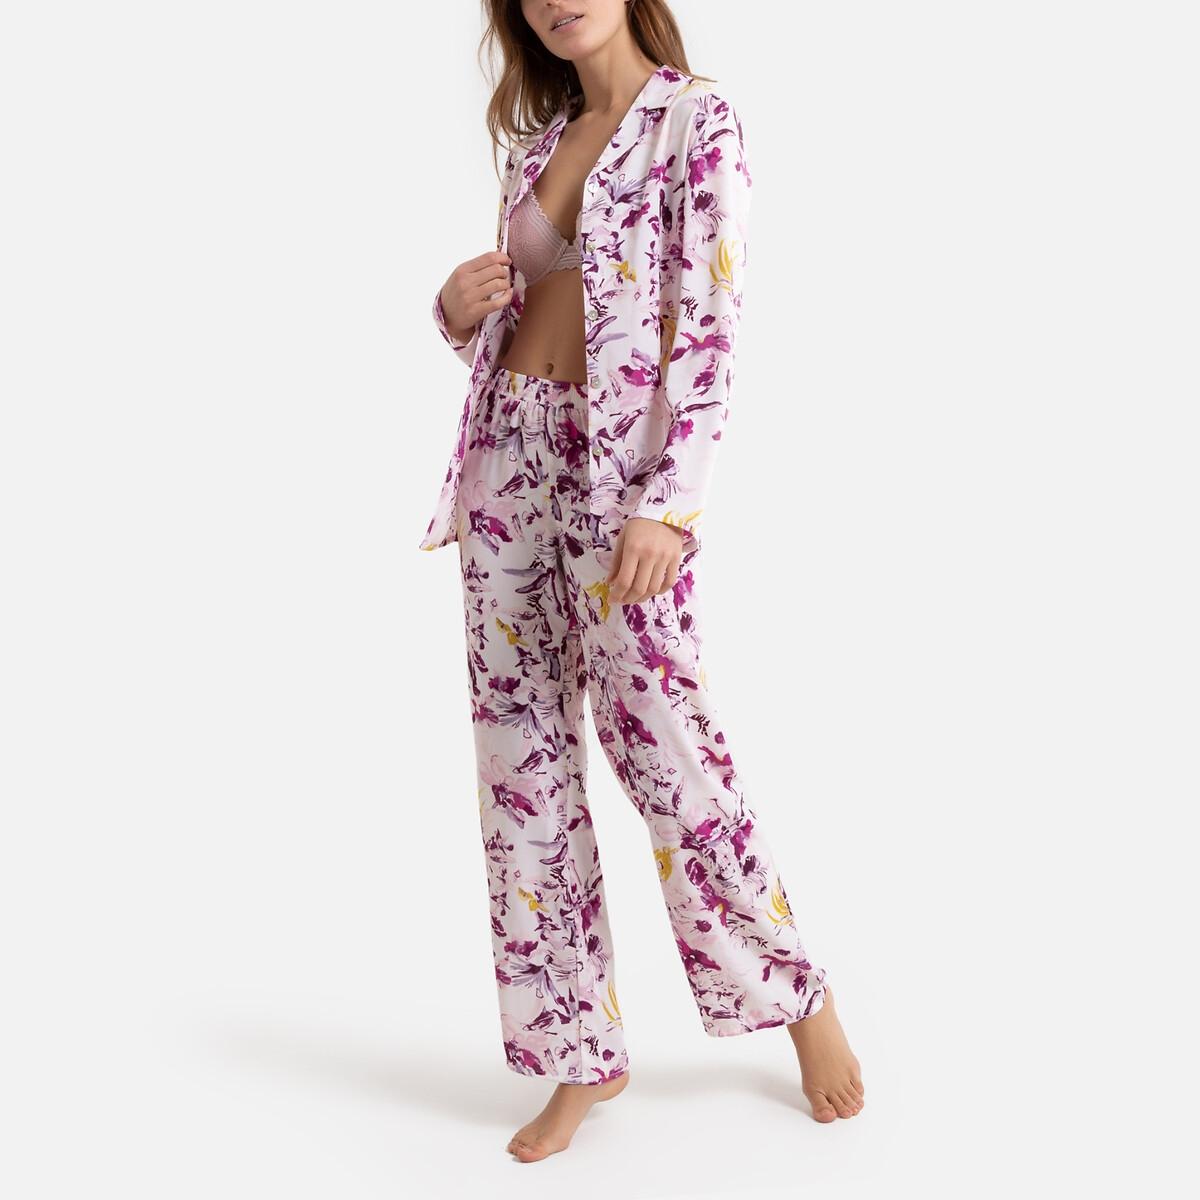 Pijama con estampado de flores de crepé